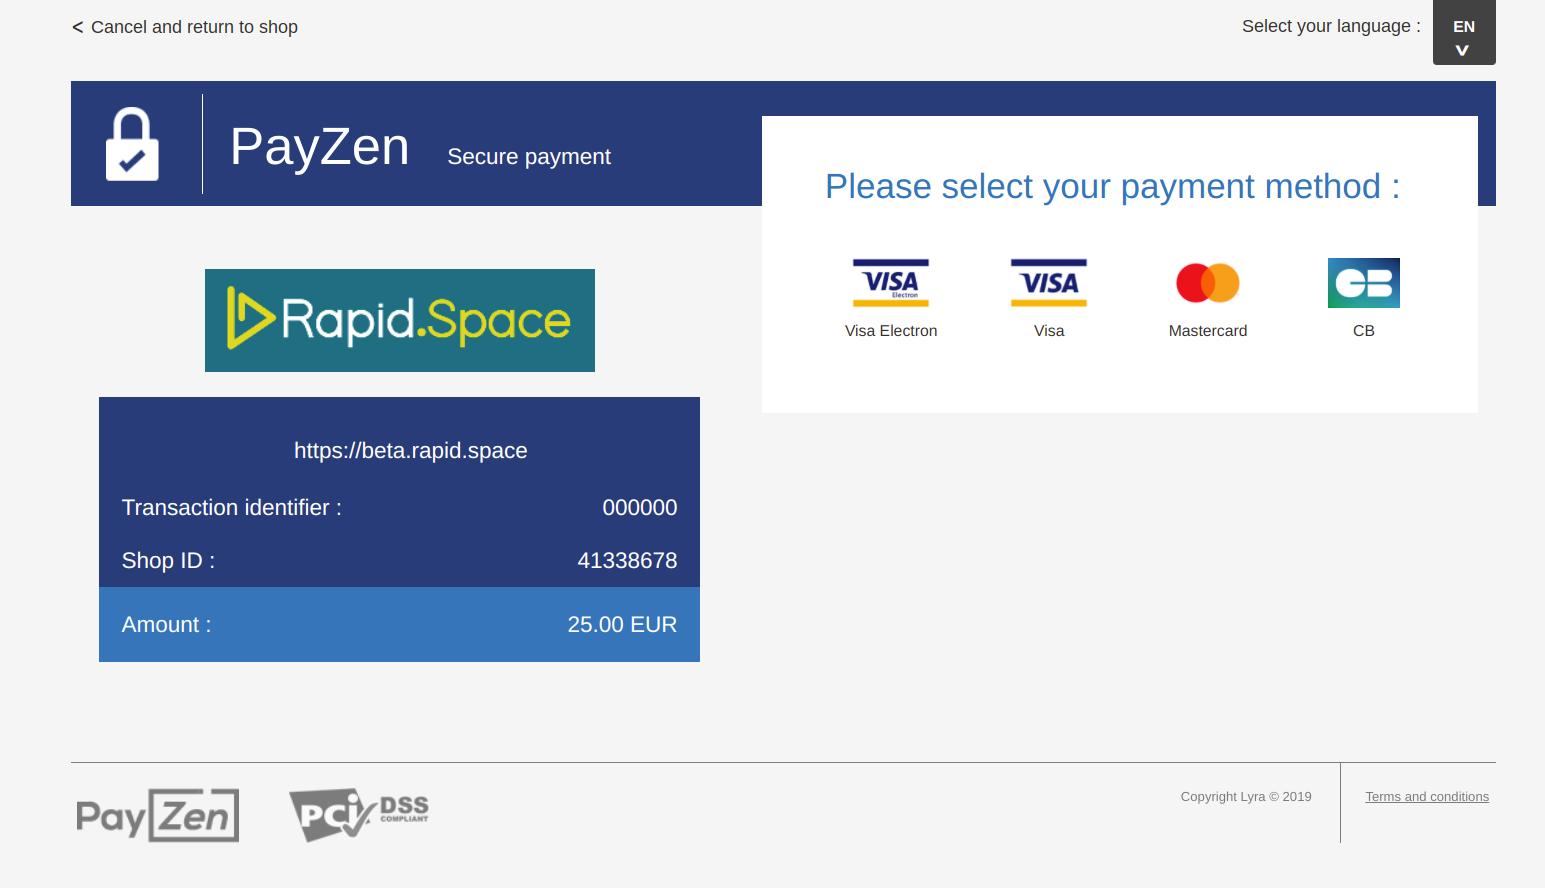 Rapid Space PayZen Payment